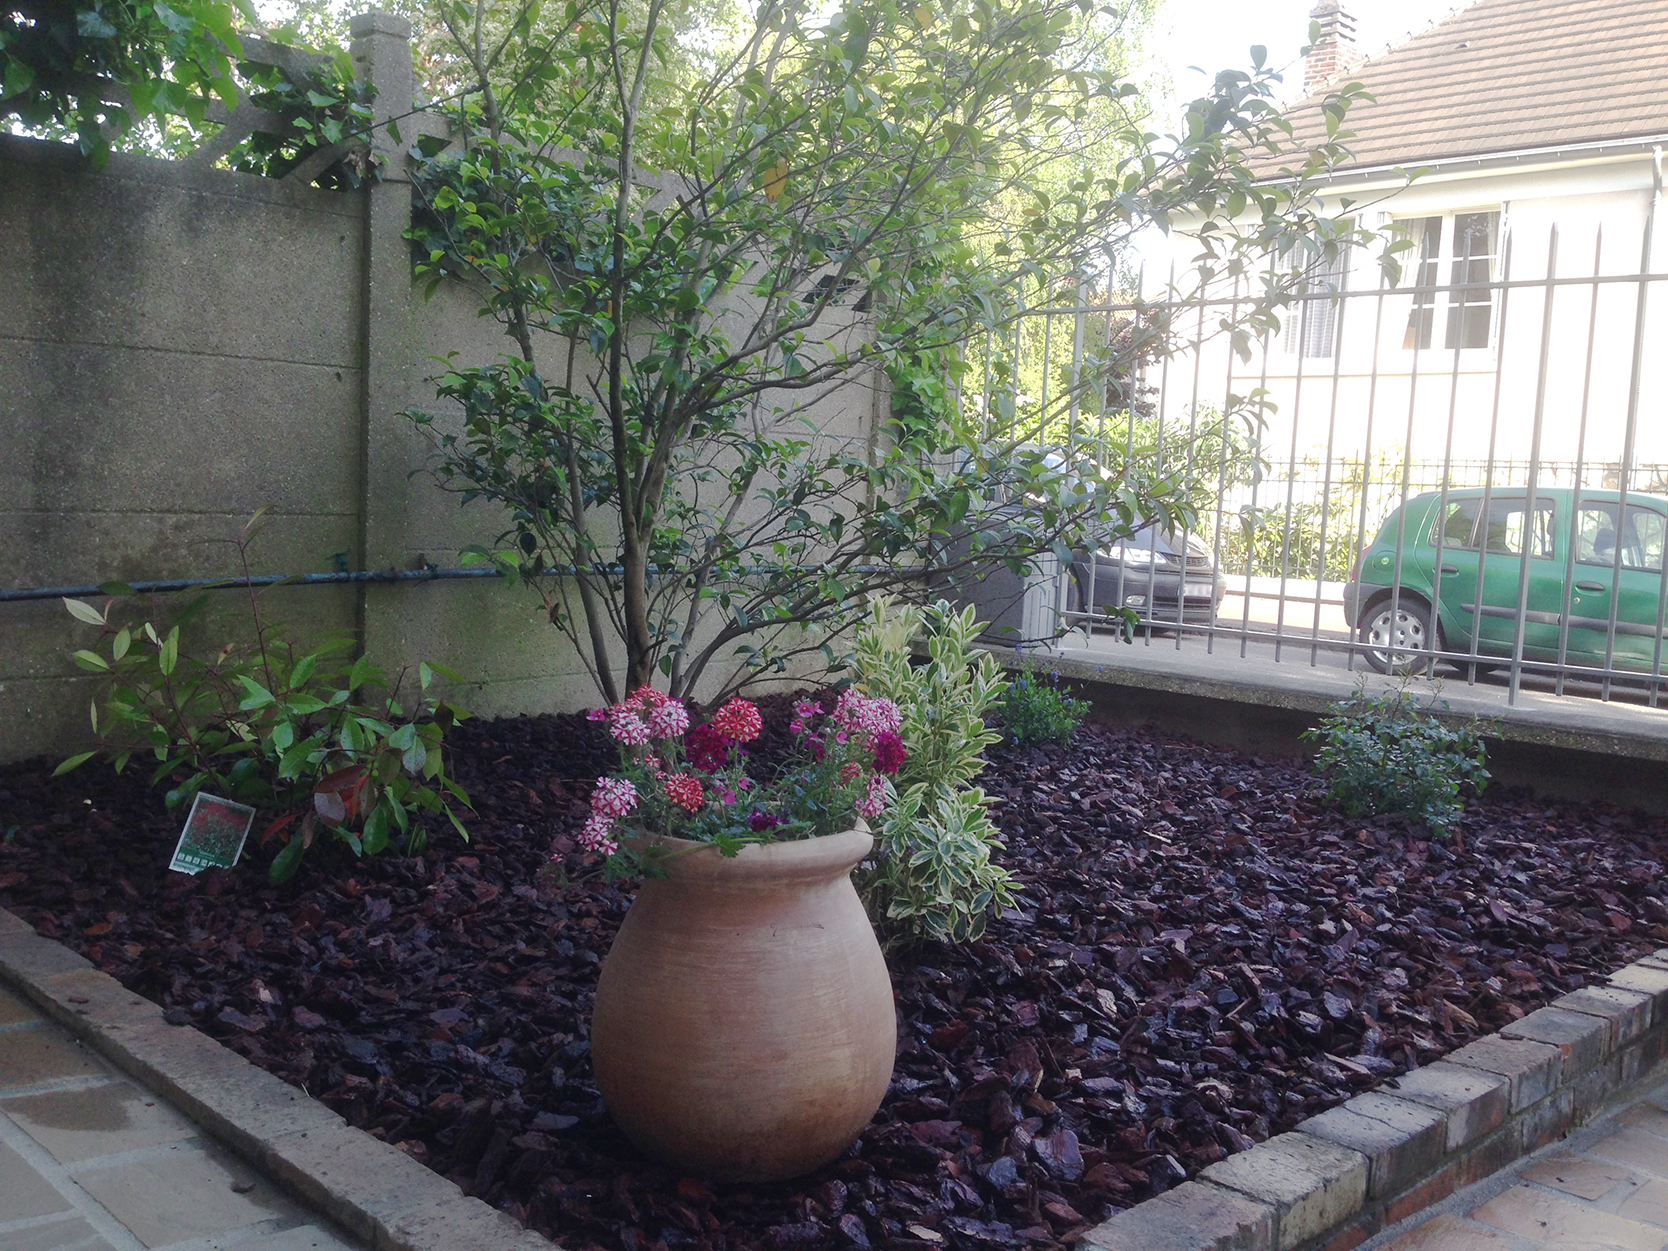 Entretien jardins 94 aidlib 39 multiservices espaces verts for Jardin 94 pourcent